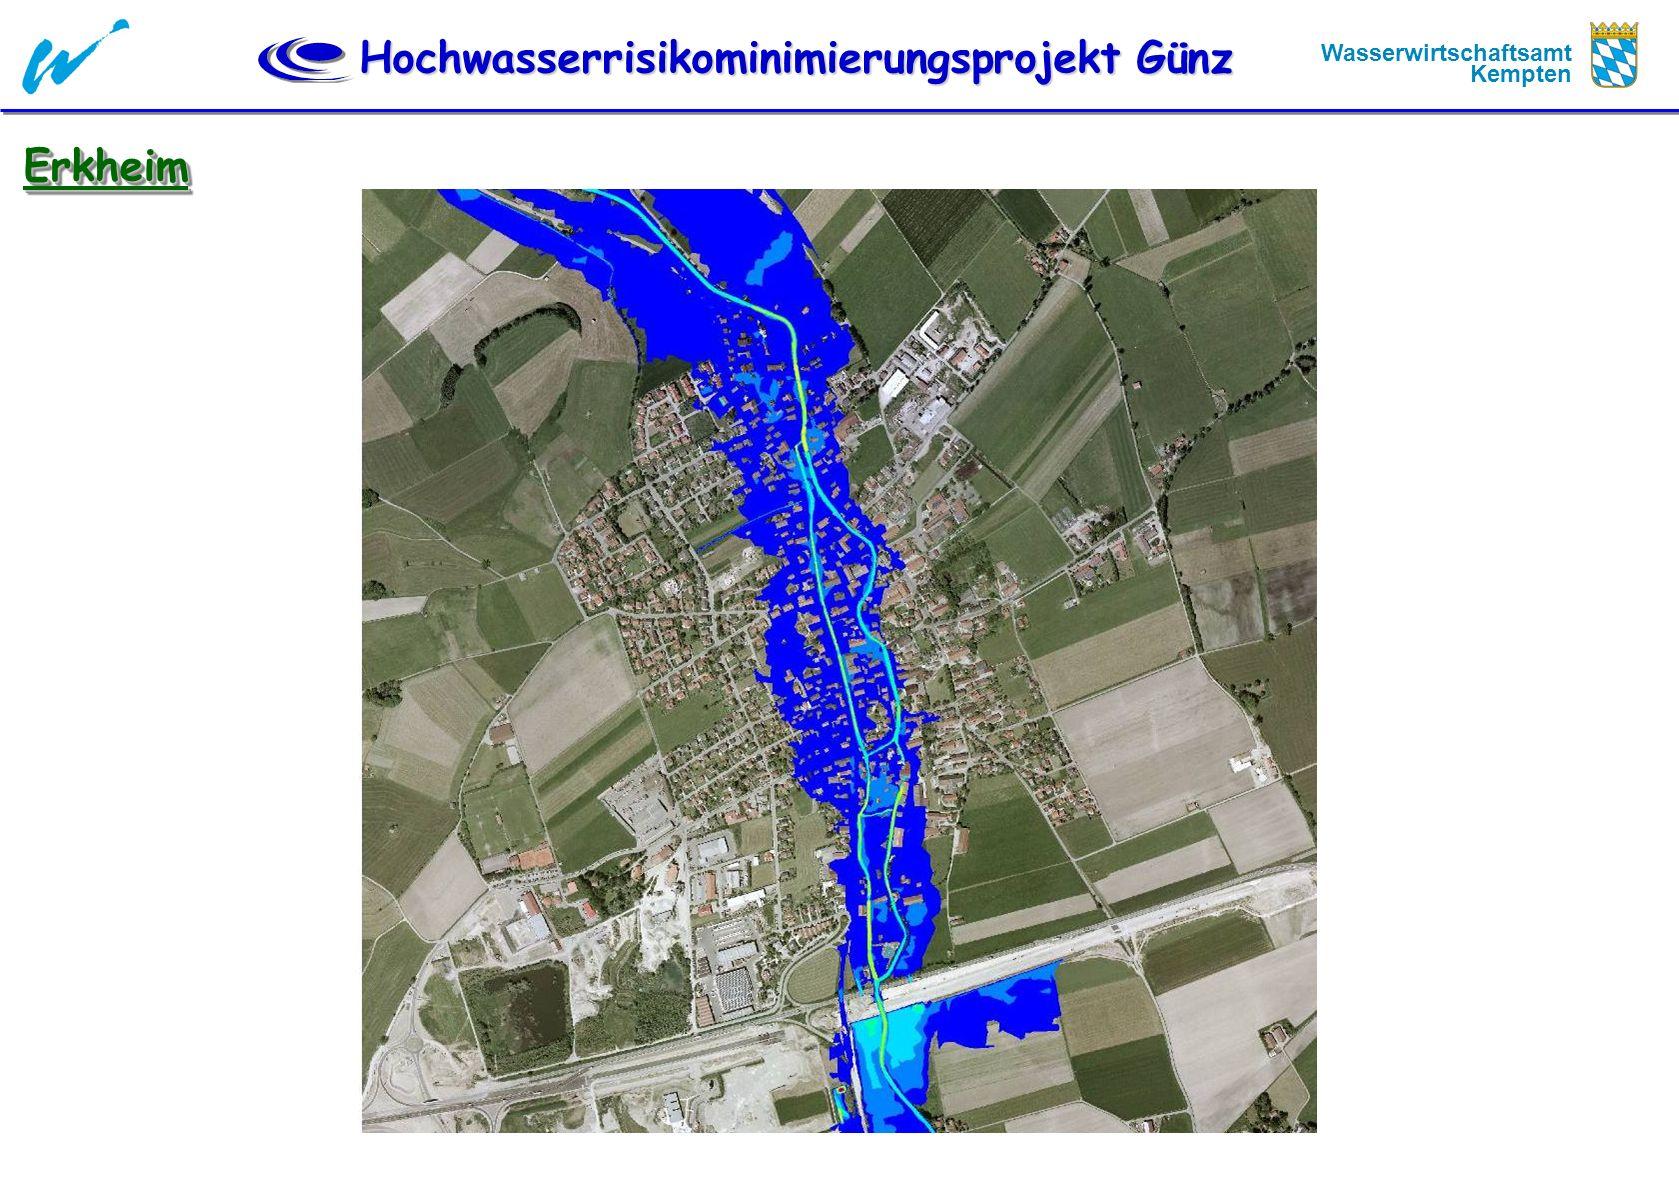 Hochwasserrisikominimierungsprojekt Günz Wasserwirtschaftsamt Kempten Örtliche Schutzmassnahmen Deisenhausen Deisenhausen Deich, 50 cm